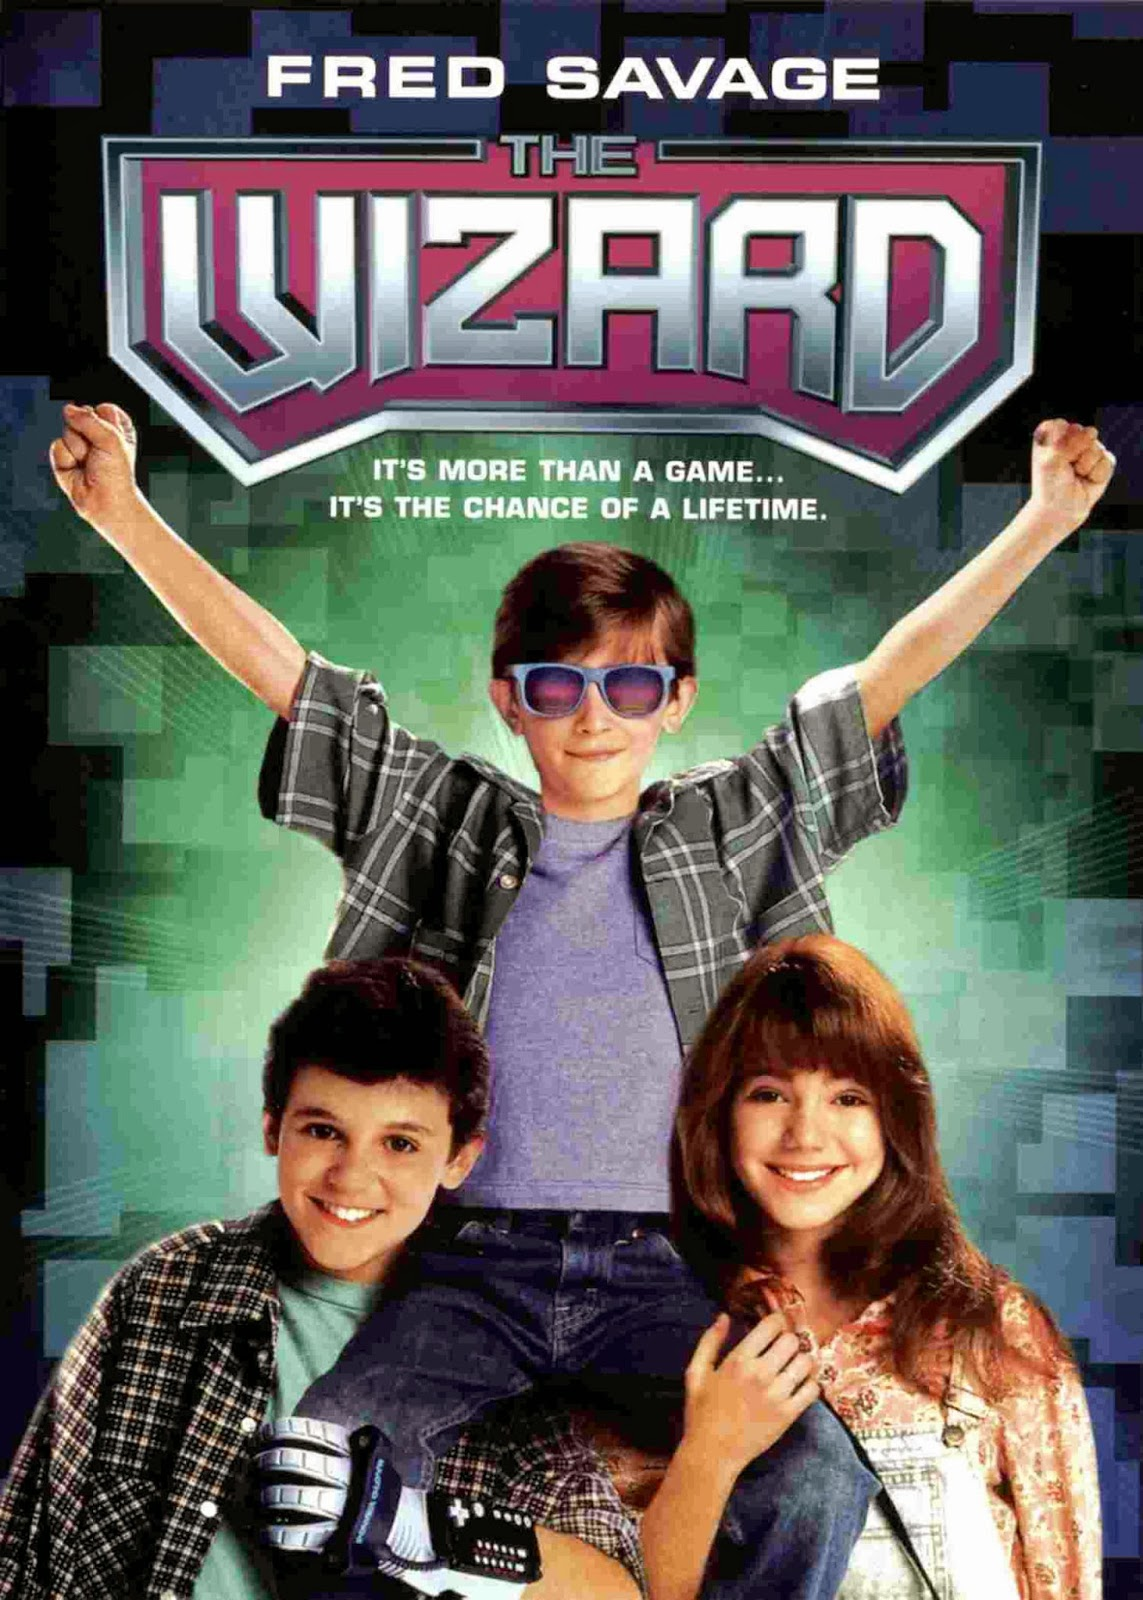 El campeón del videojuego (1989)